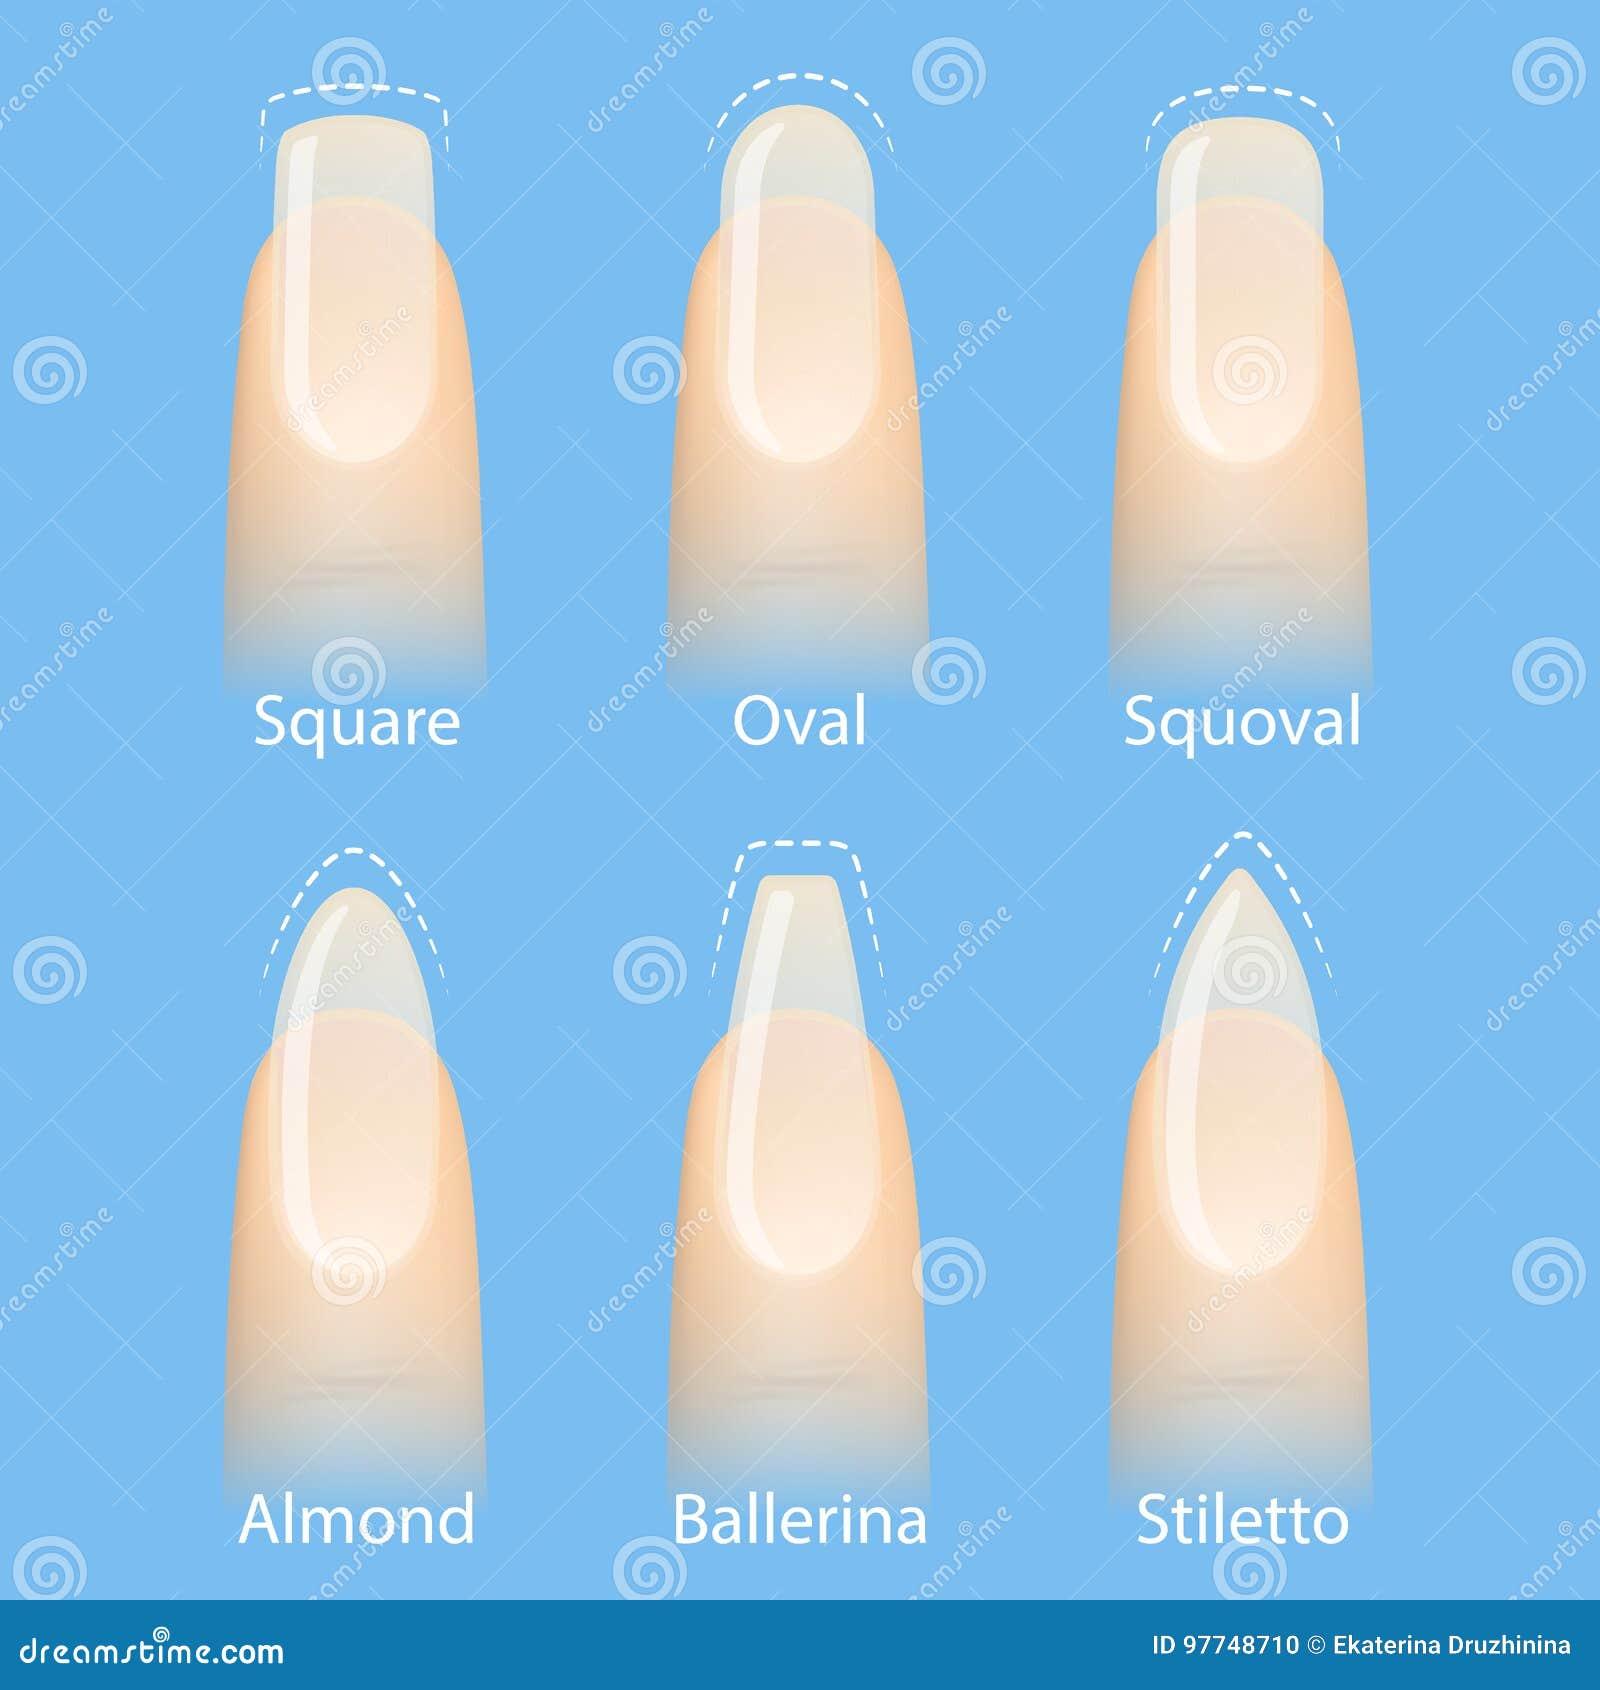 satz nagelformen vektor abbildung. illustration von schönheit - 97748710